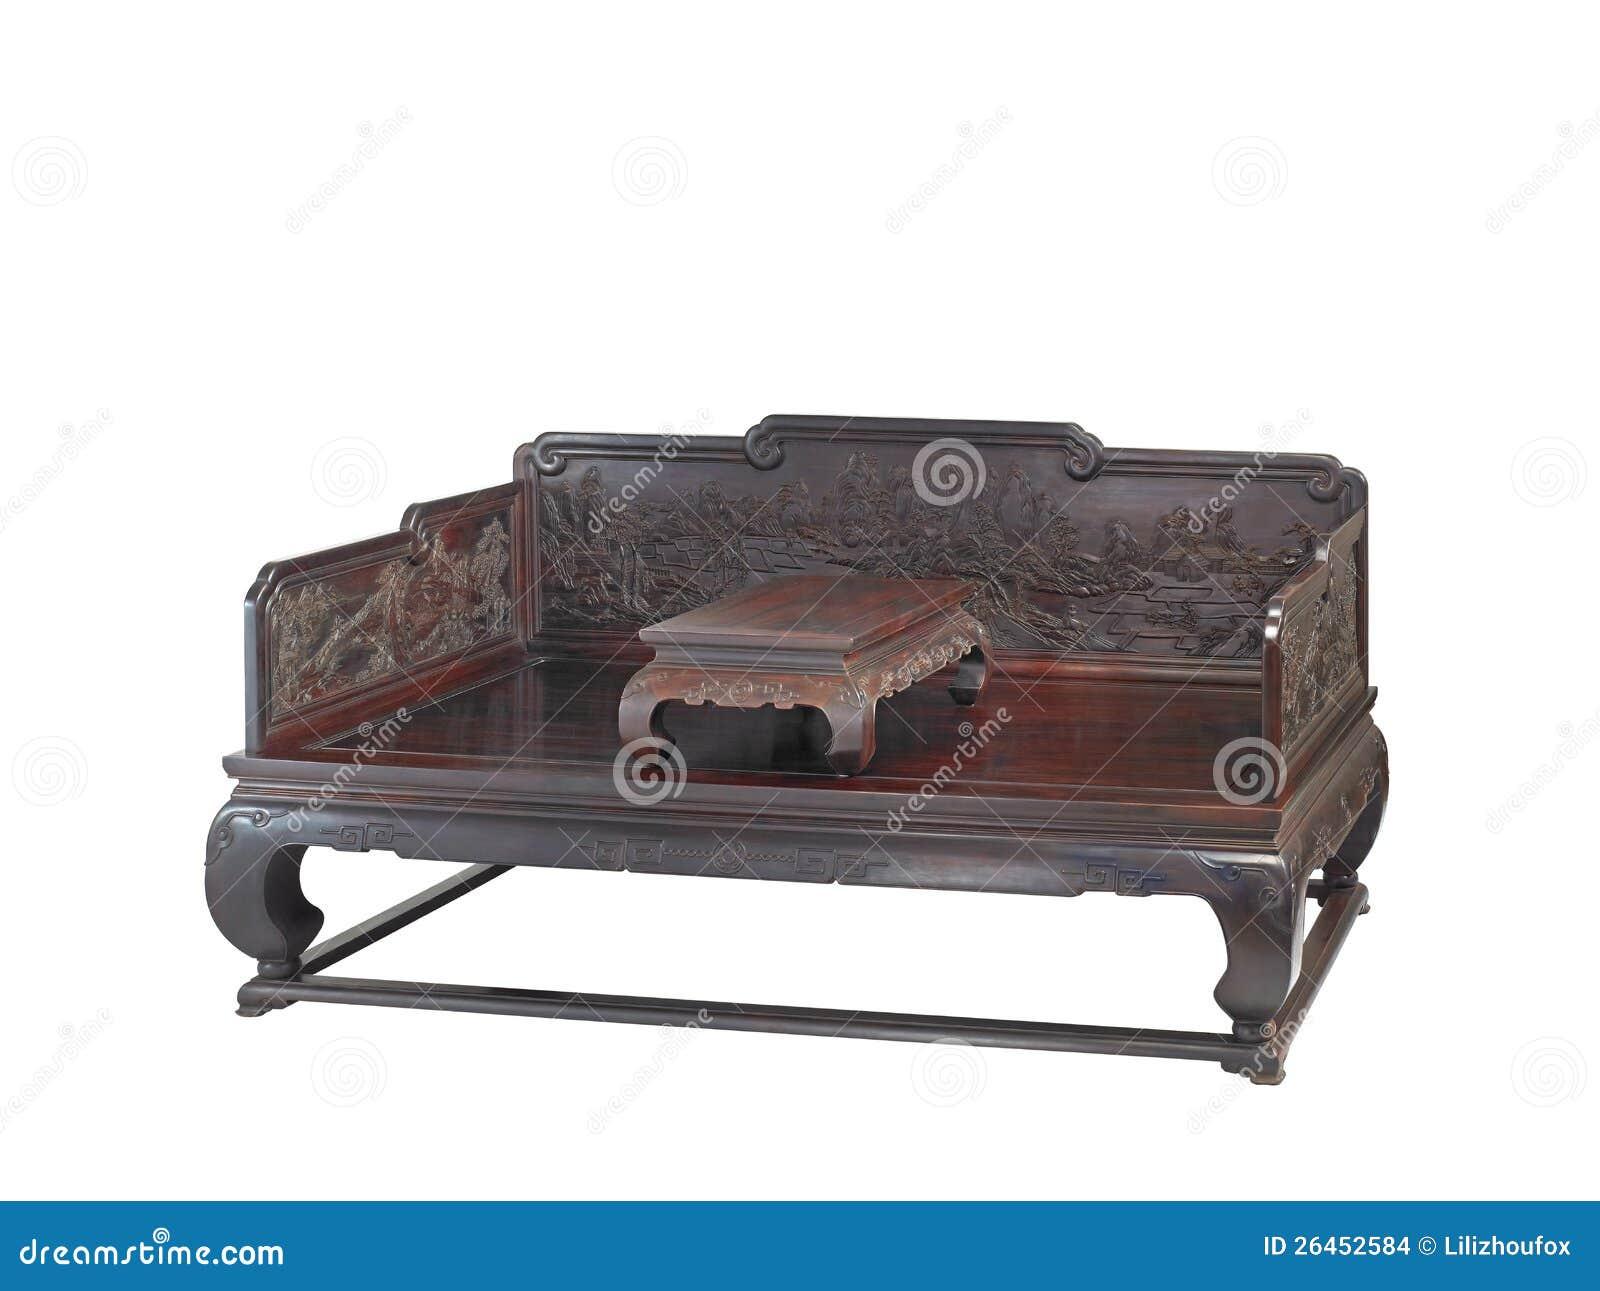 Chinees klassiek meubilair van ming stijl stock afbeeldingen afbeelding 26452584 - Klassiek bed ...